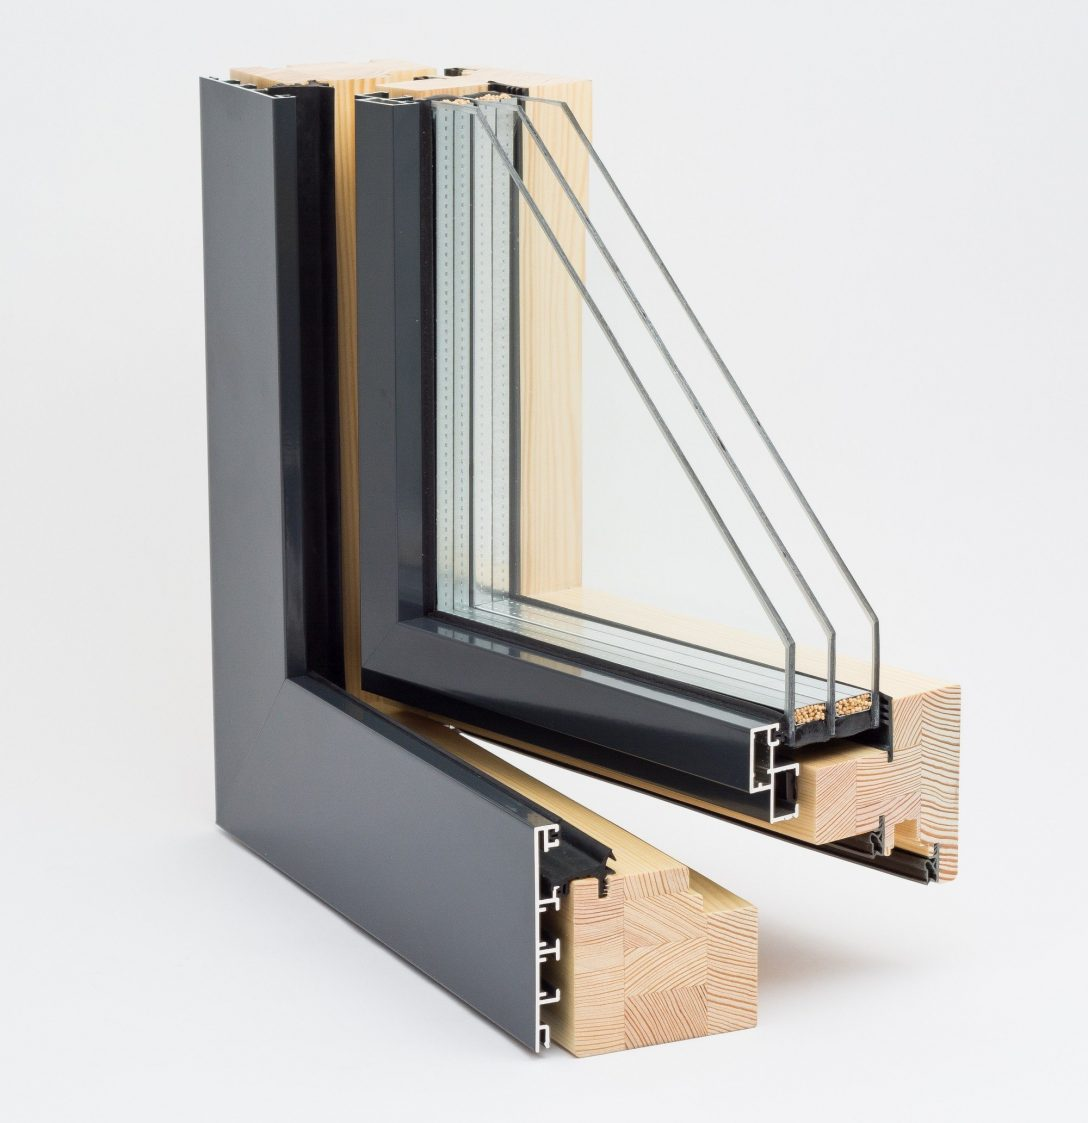 Large Size of Drutesa Pressroom Drutefhrt Holz Aluminium Fenster Ein Schüko Alte Kaufen Beleuchtung Alu Preise Marken Einbruchsicher Nachrüsten Rc3 Schüco Online Fenster Fenster Drutex